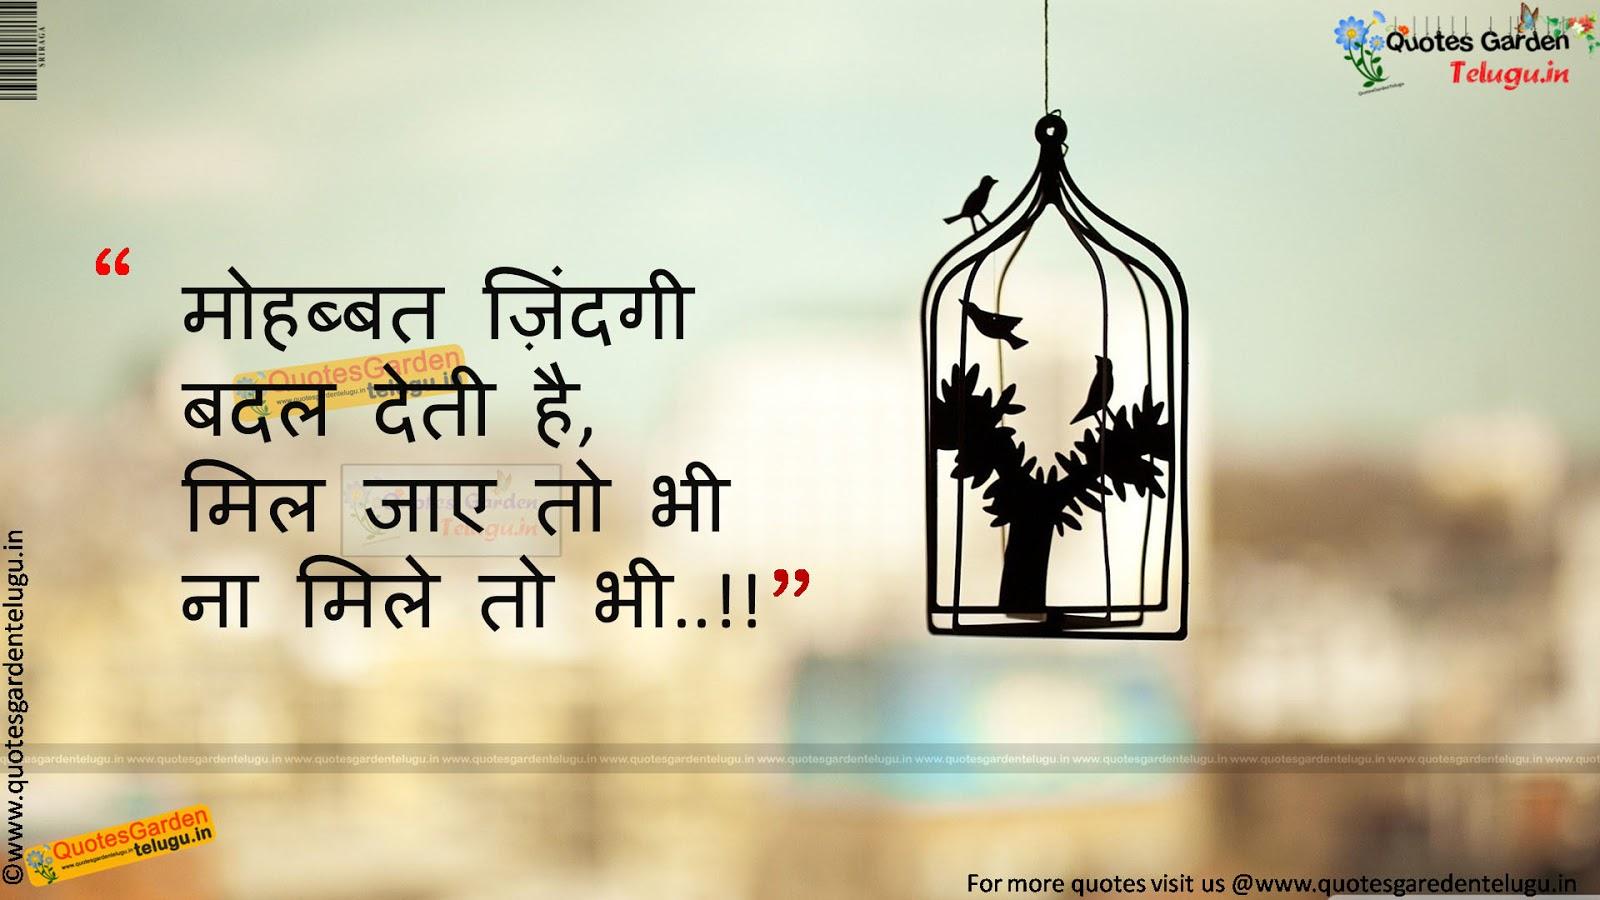 Best love quotes in hindi 1169 QUOTES GARDEN TELUGU Telugu Quotes ...